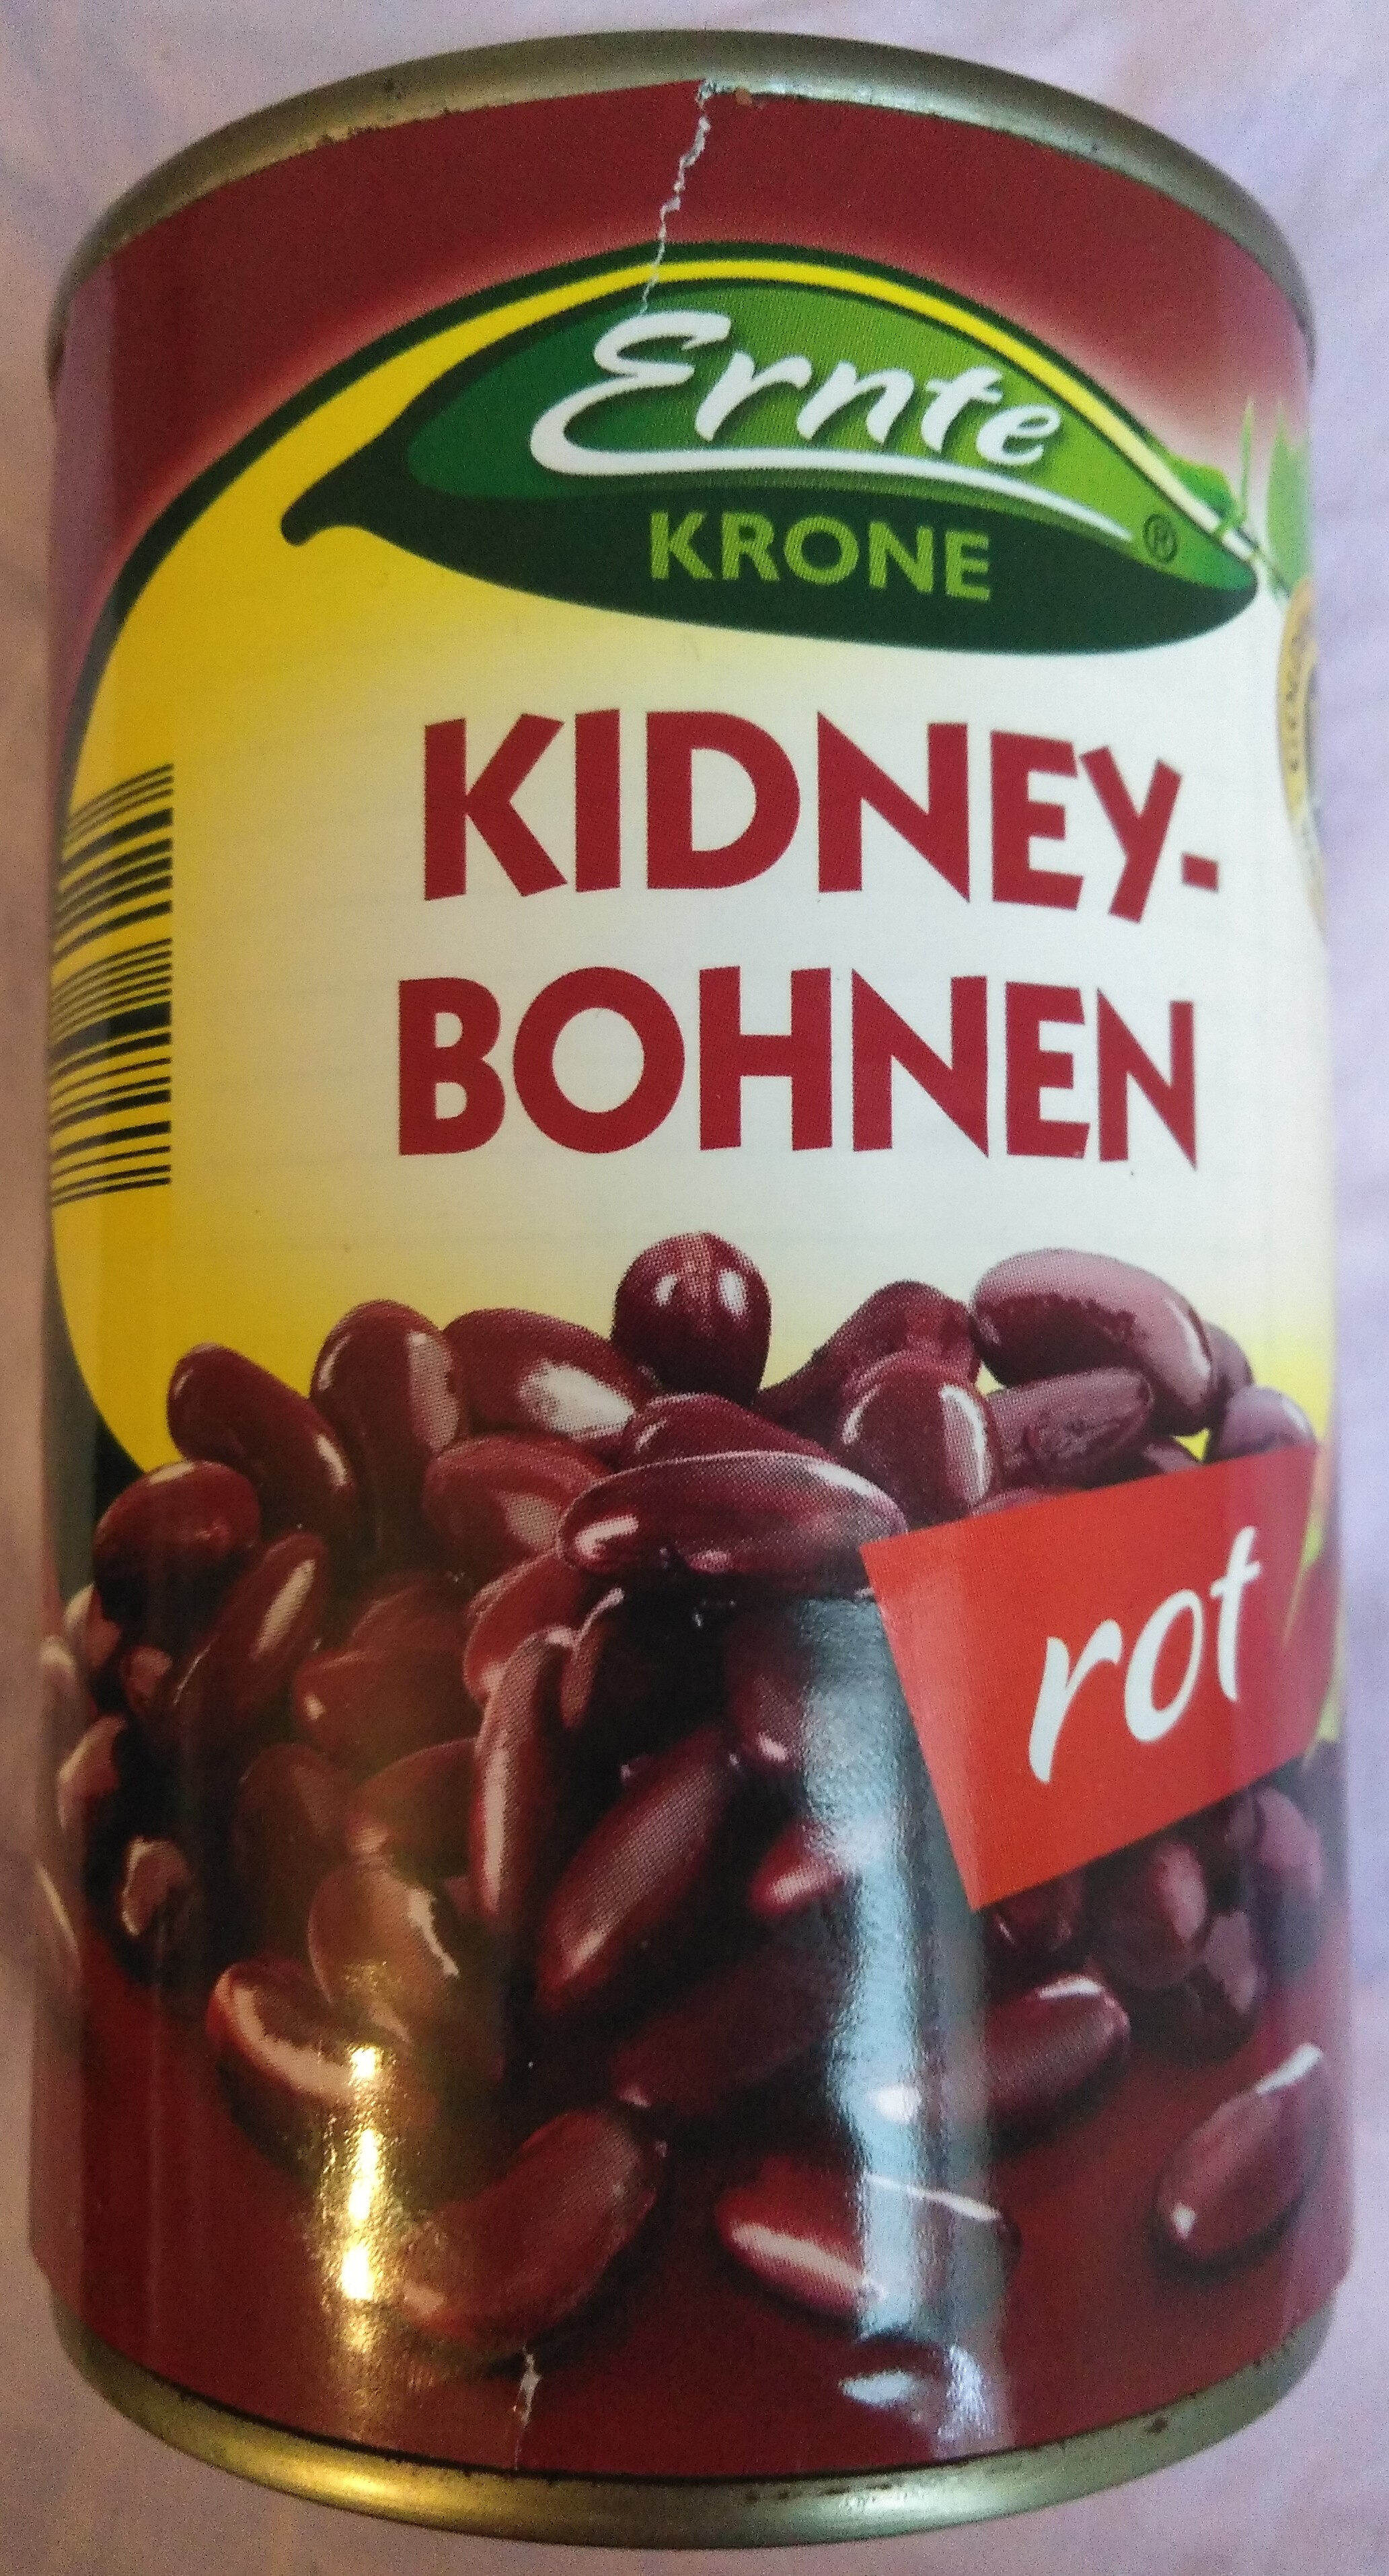 KIDNEY-BOHNEN rot - Produkt - de